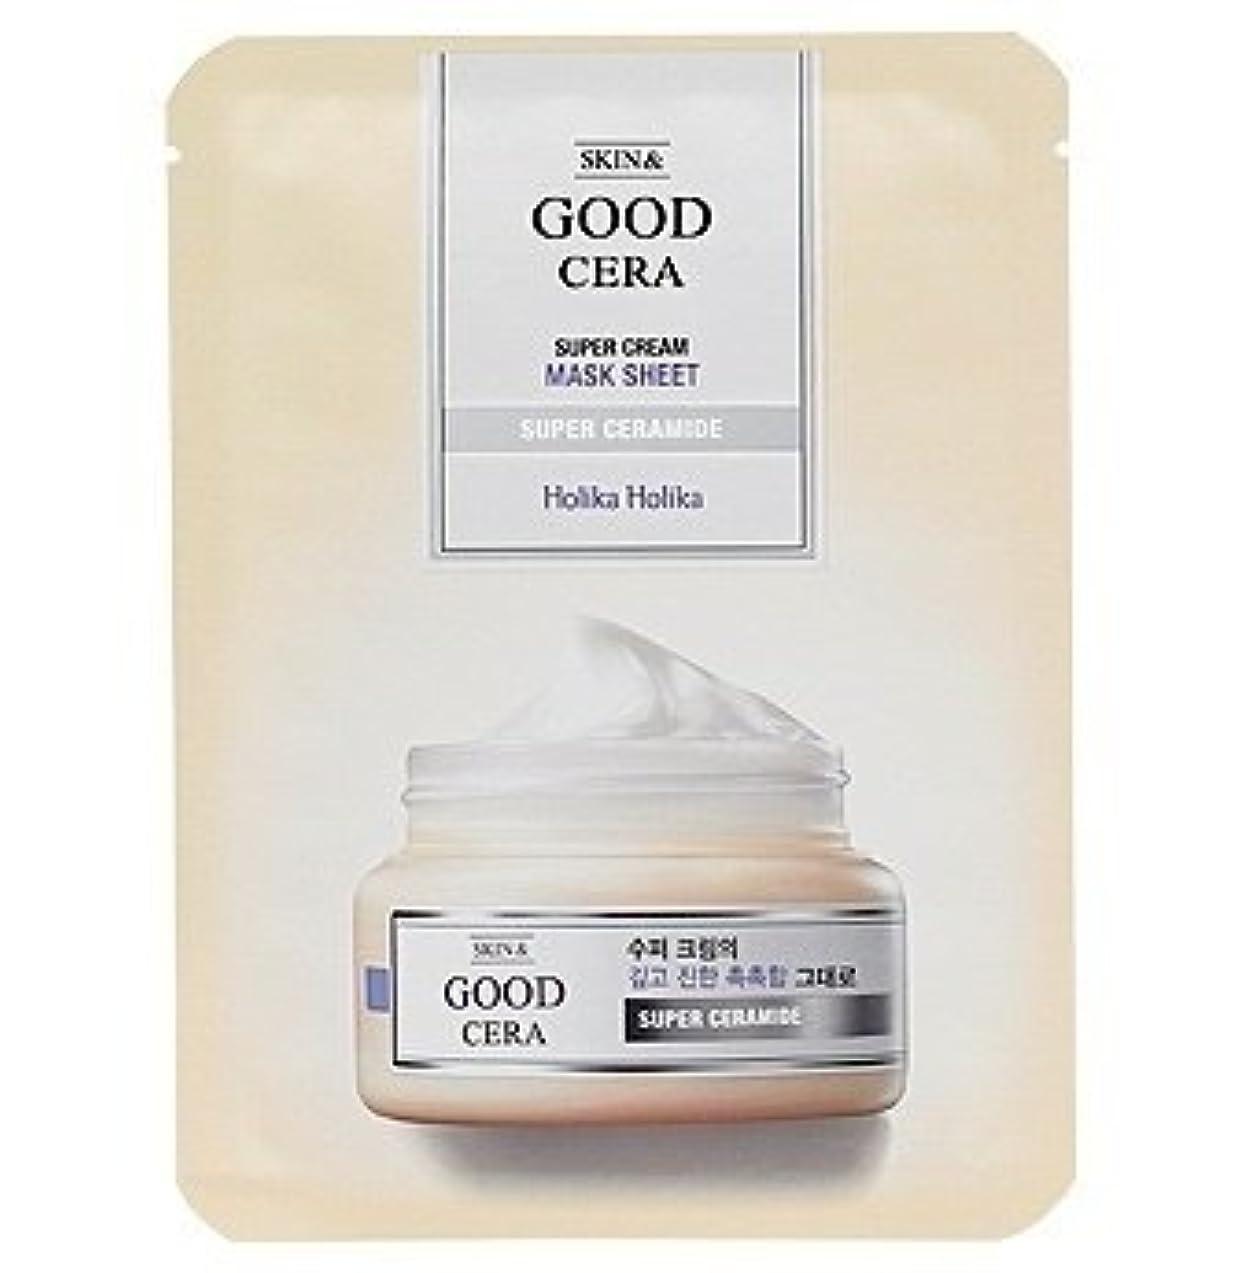 奴隷革命航空便ホリカホリカ グッドセラ スーパークリーム マスクシート(3枚) Holika Holika Good Cera Super Cream Mask Sheet(3EA) [並行輸入品]